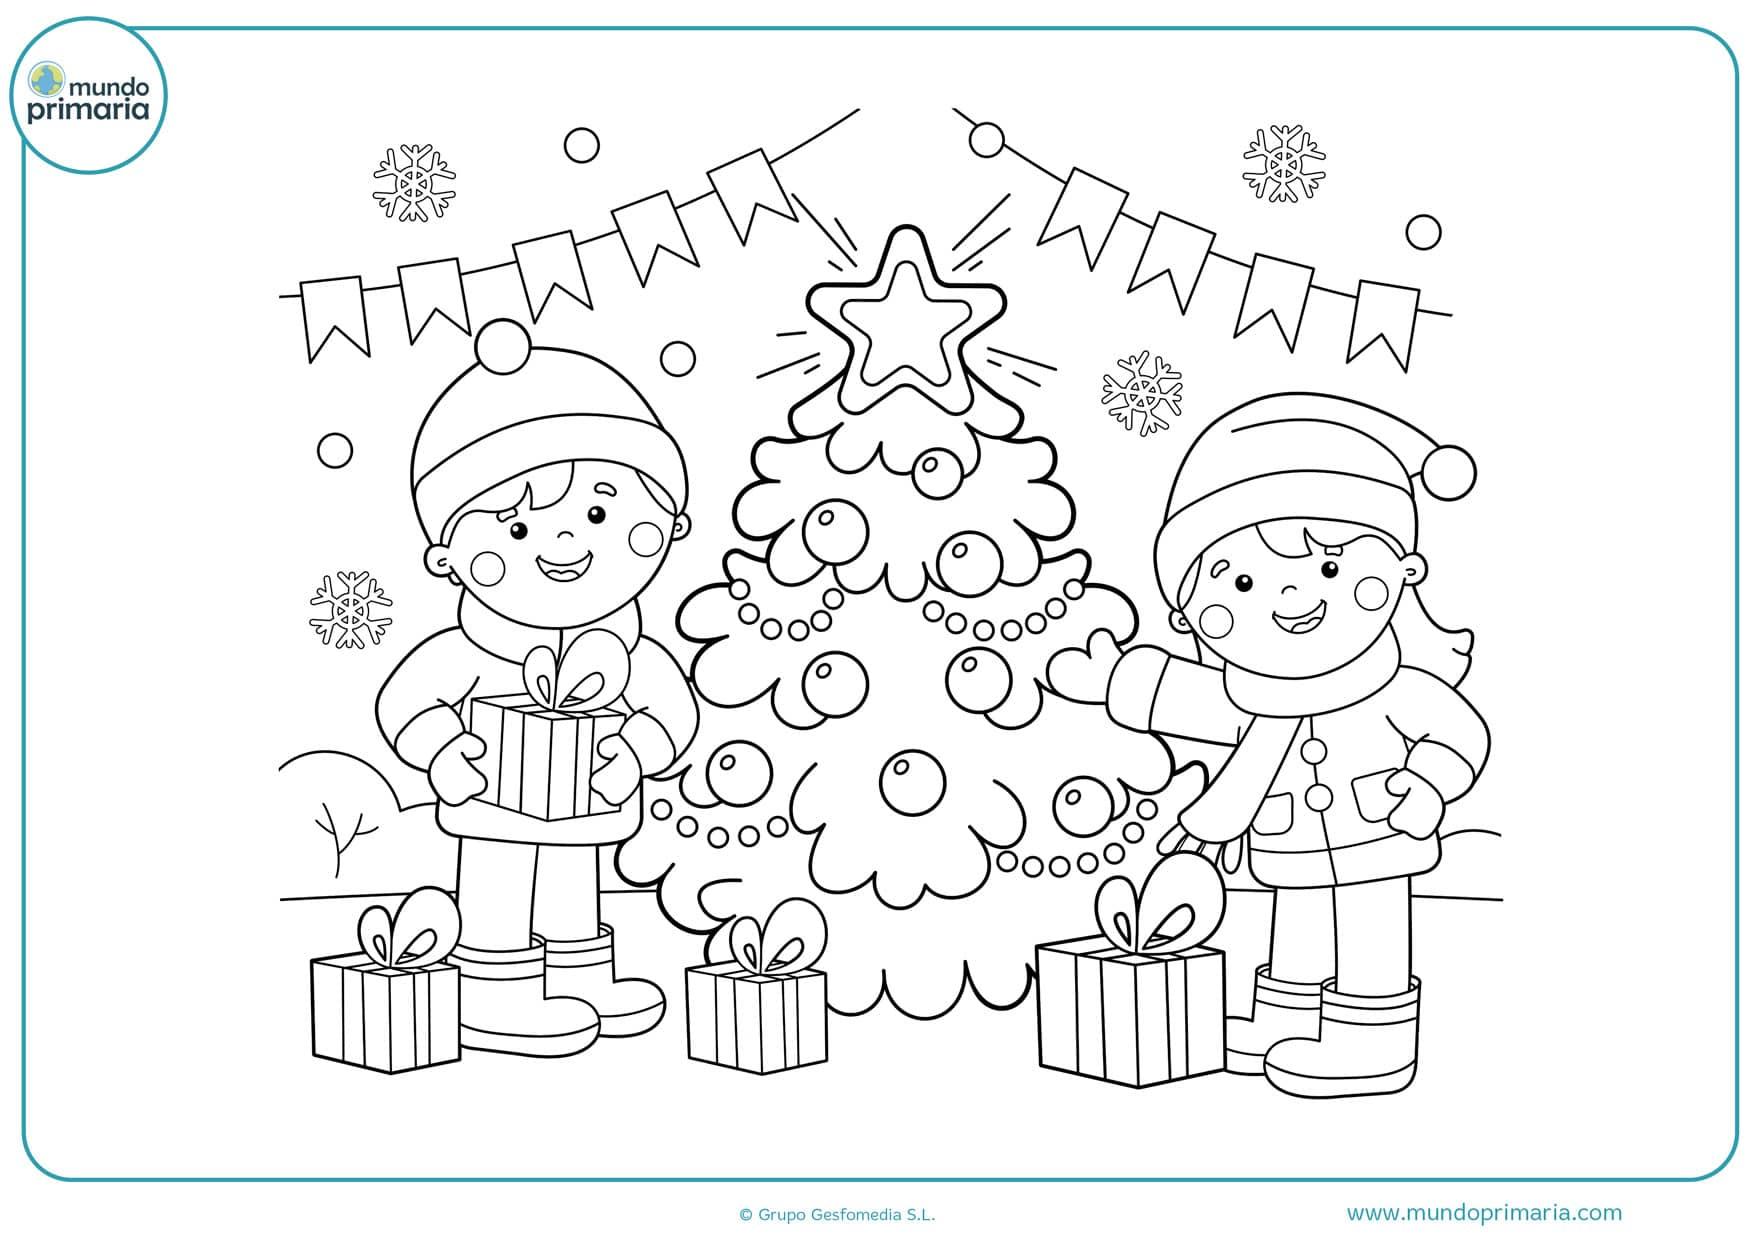 Bonitos Dibujos De Navidad Para Colorear Faciles.Dibujos De Navidad Para Colorear E Imprimir Originales Y